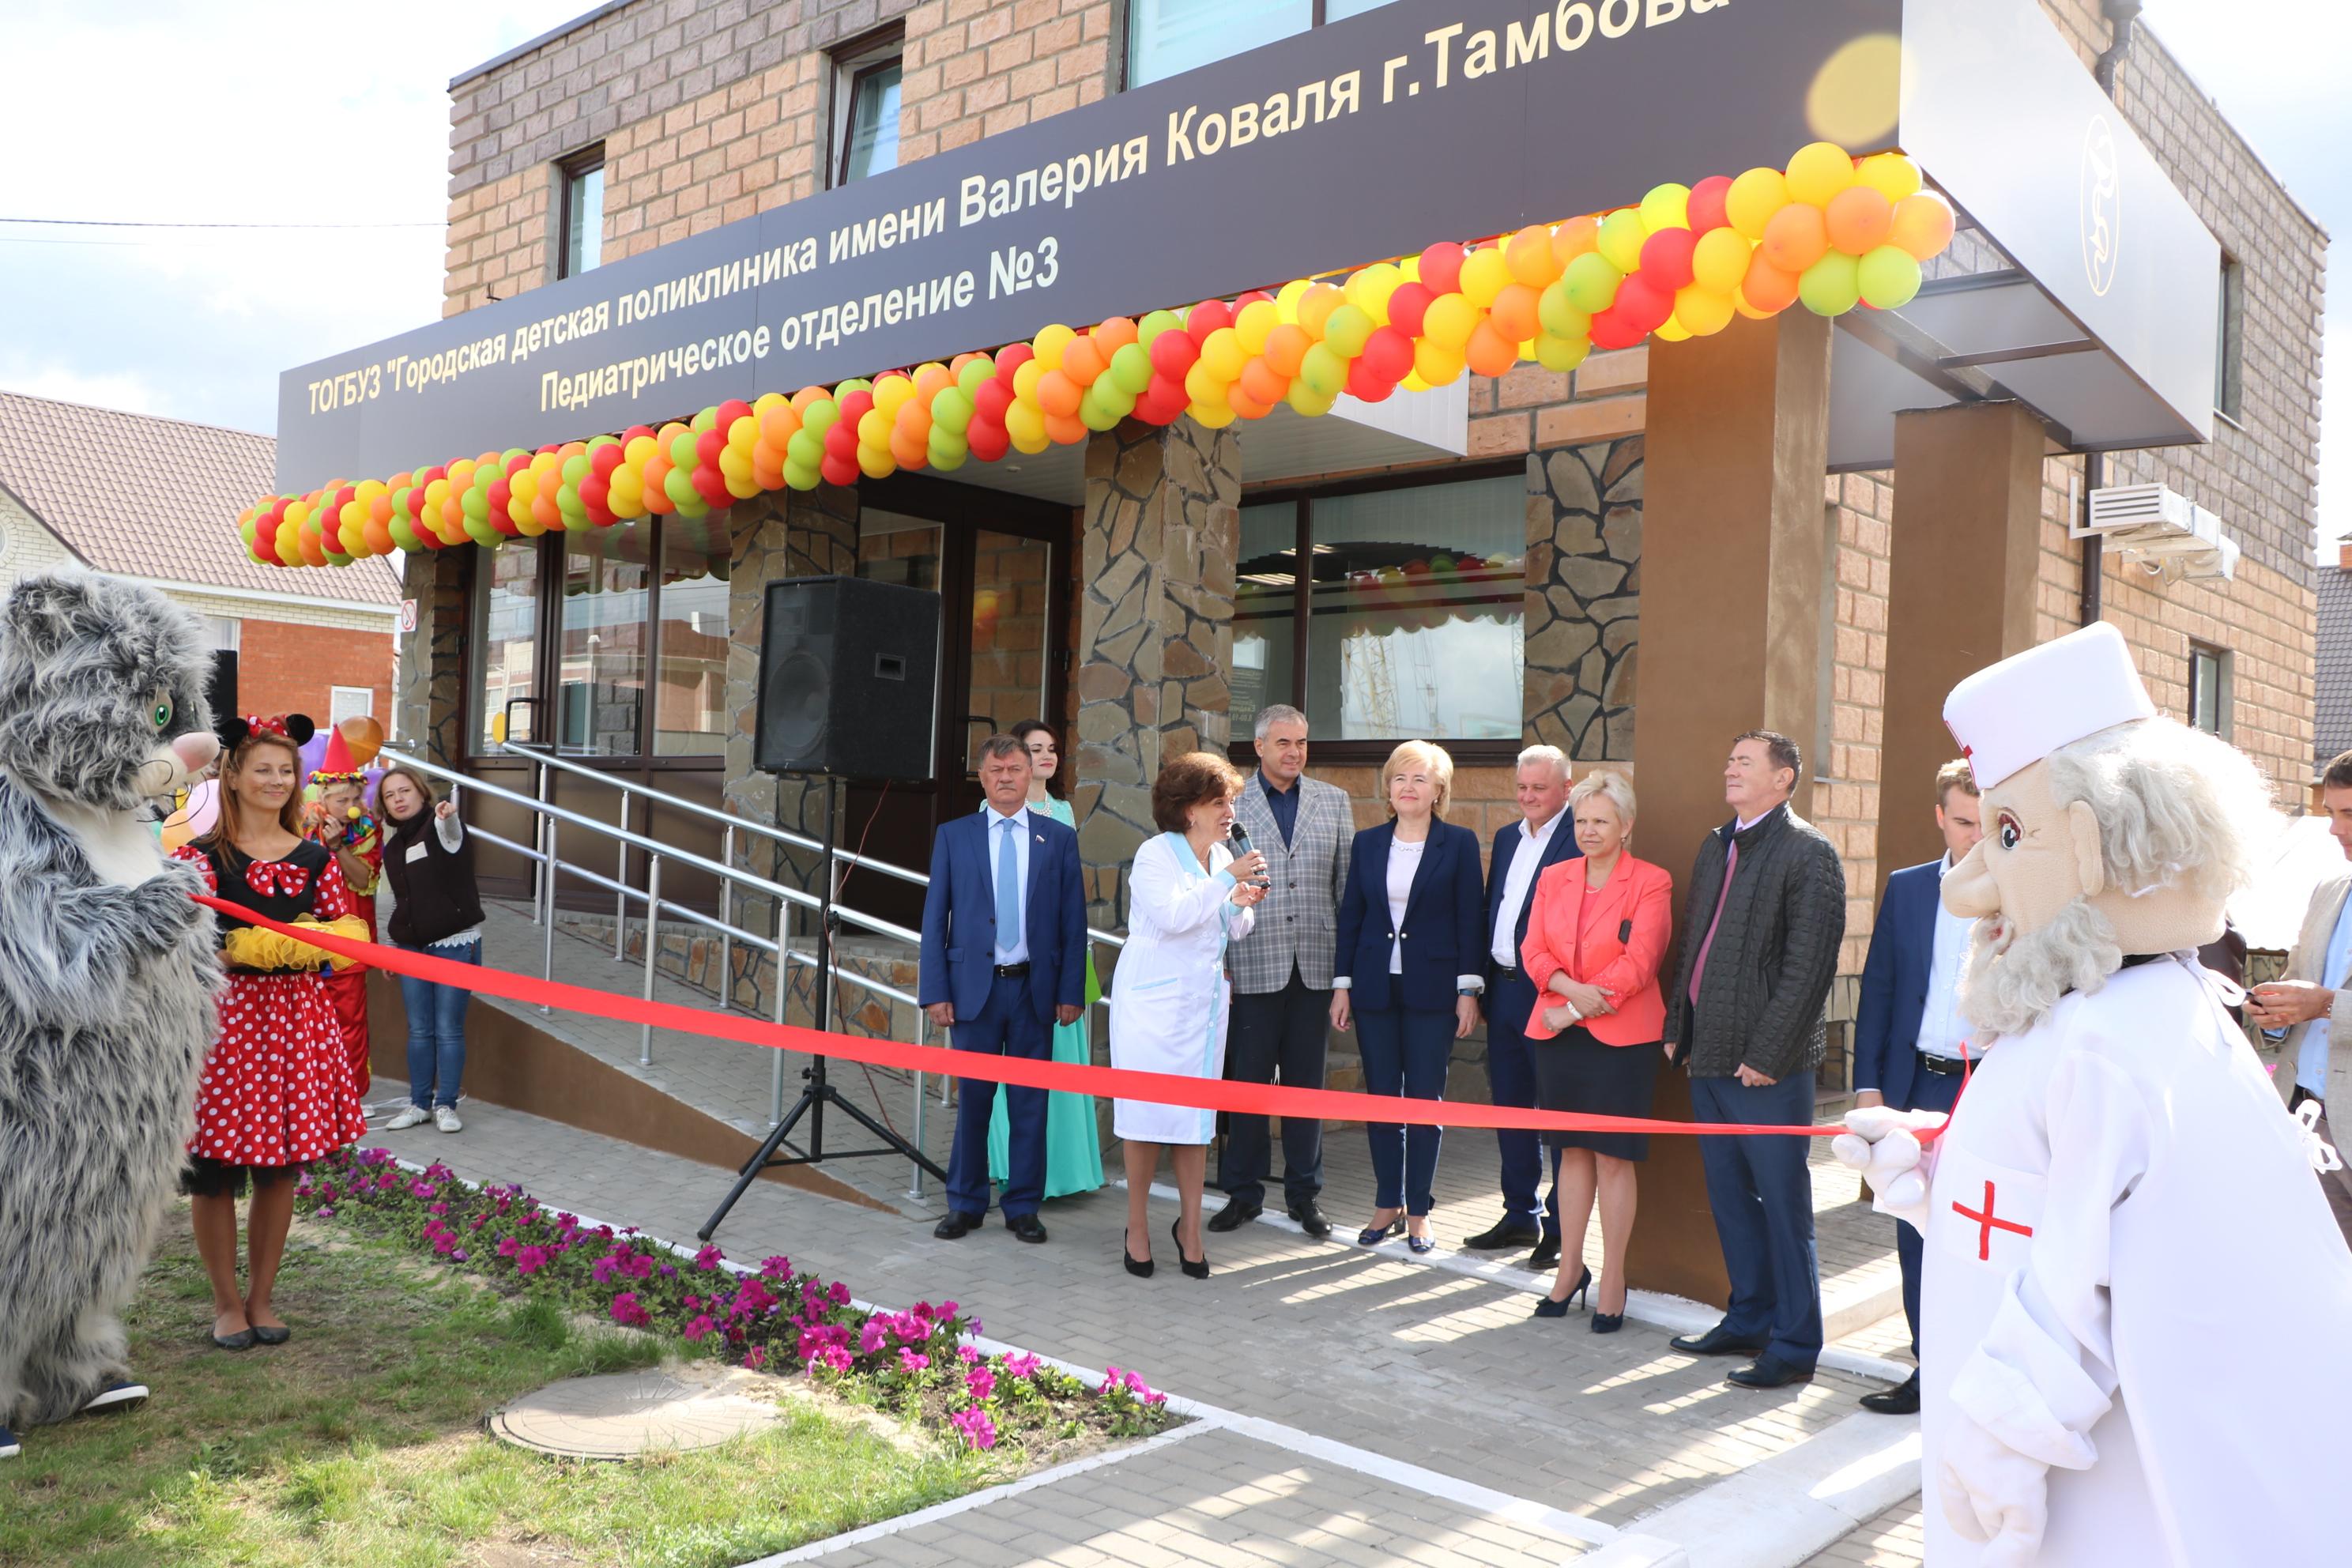 Насевере Тамбова открылся филиал детской больницы на5 тыс. пациентов